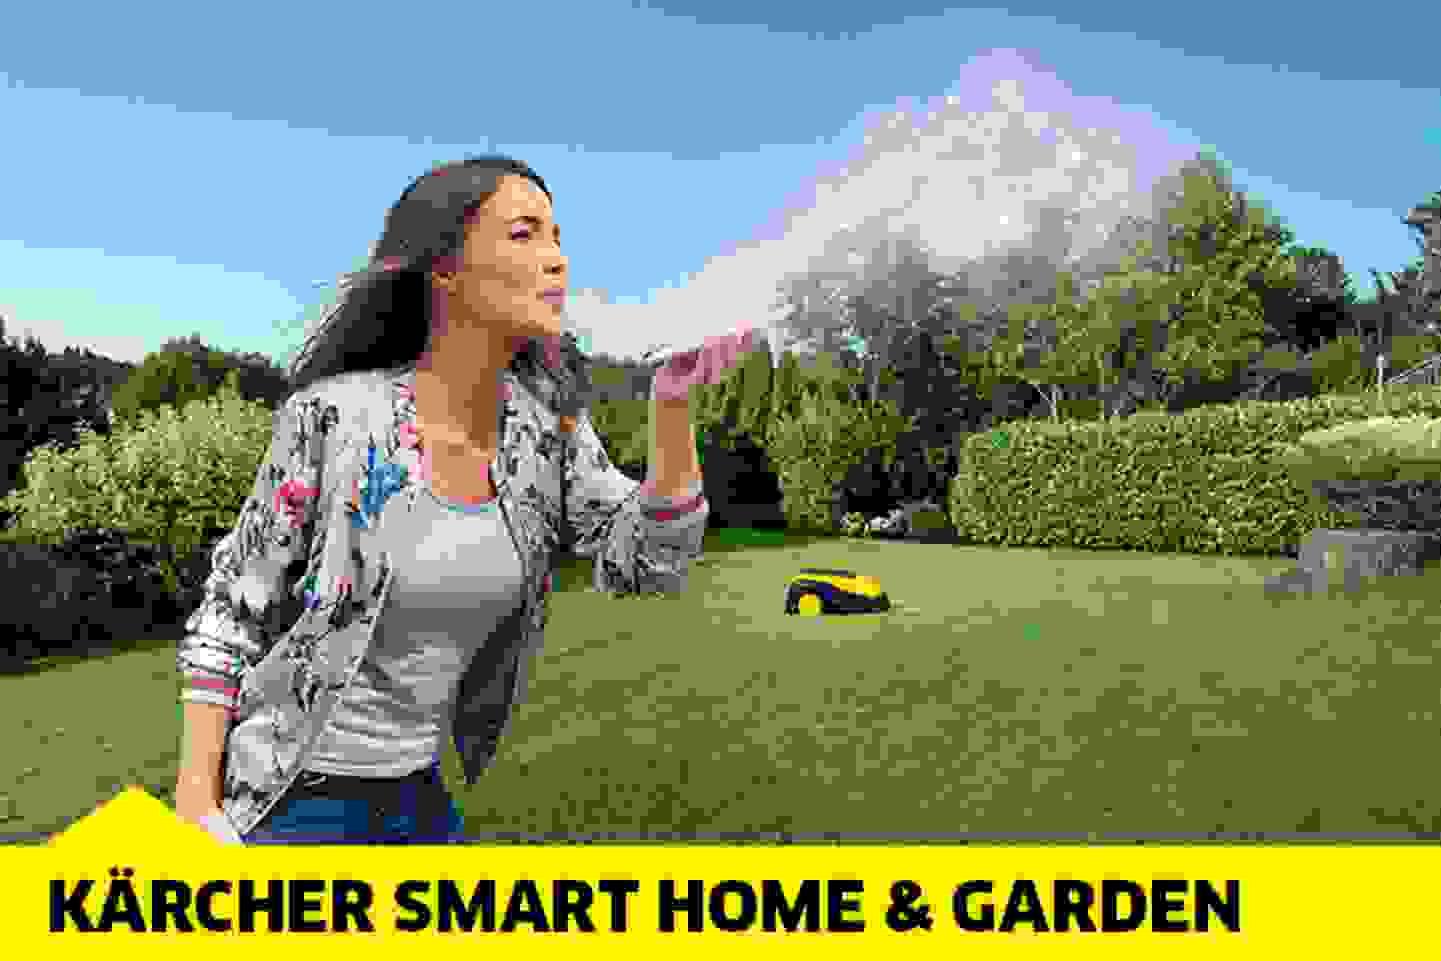 Kärcher Smart Home & Garden